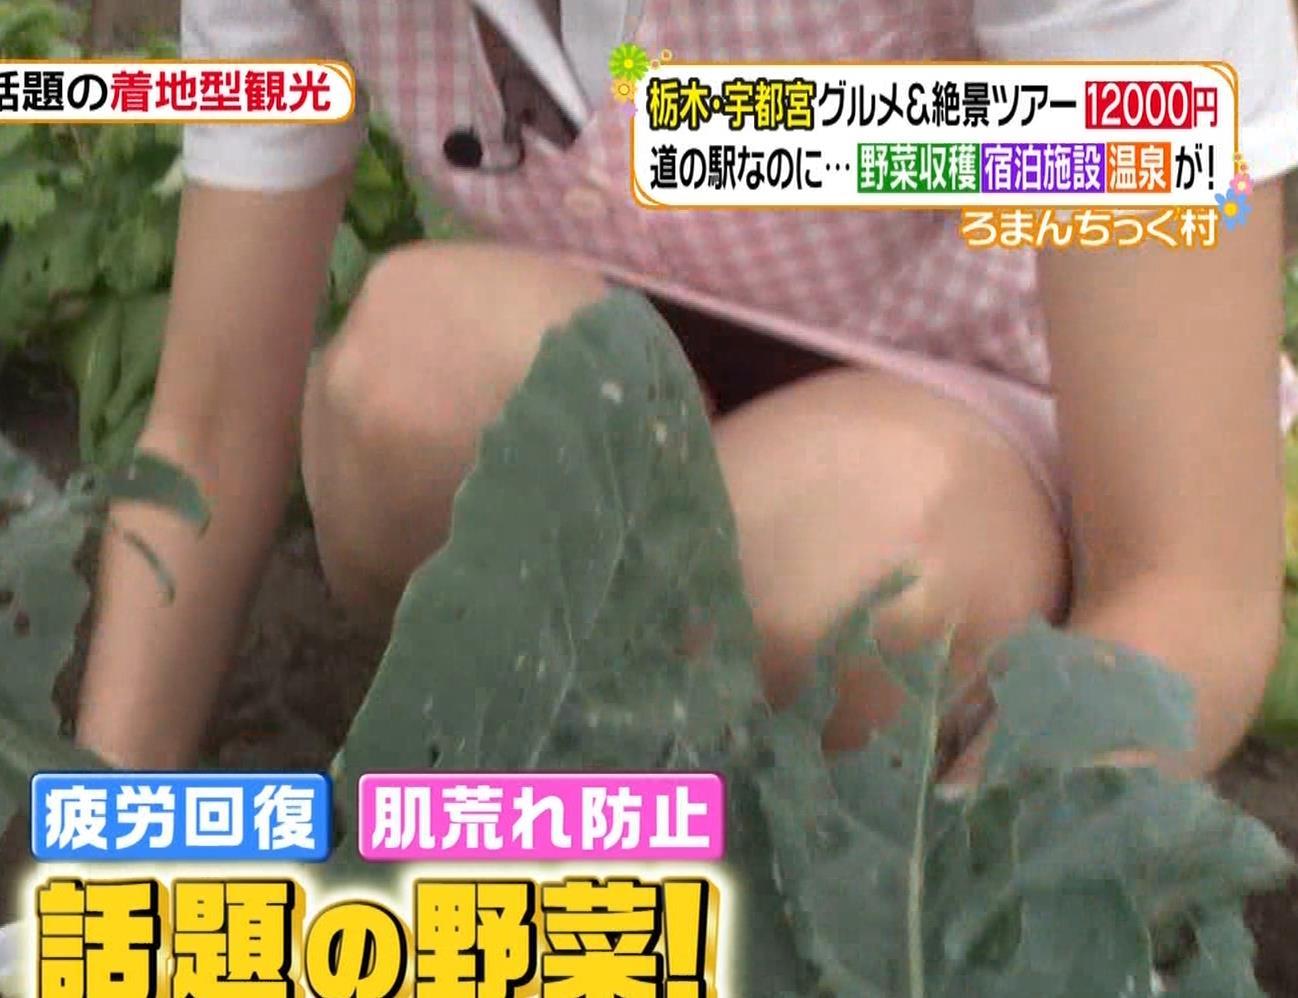 大石絵理 スカートでしゃがんで中が見えるキャプ・エロ画像5